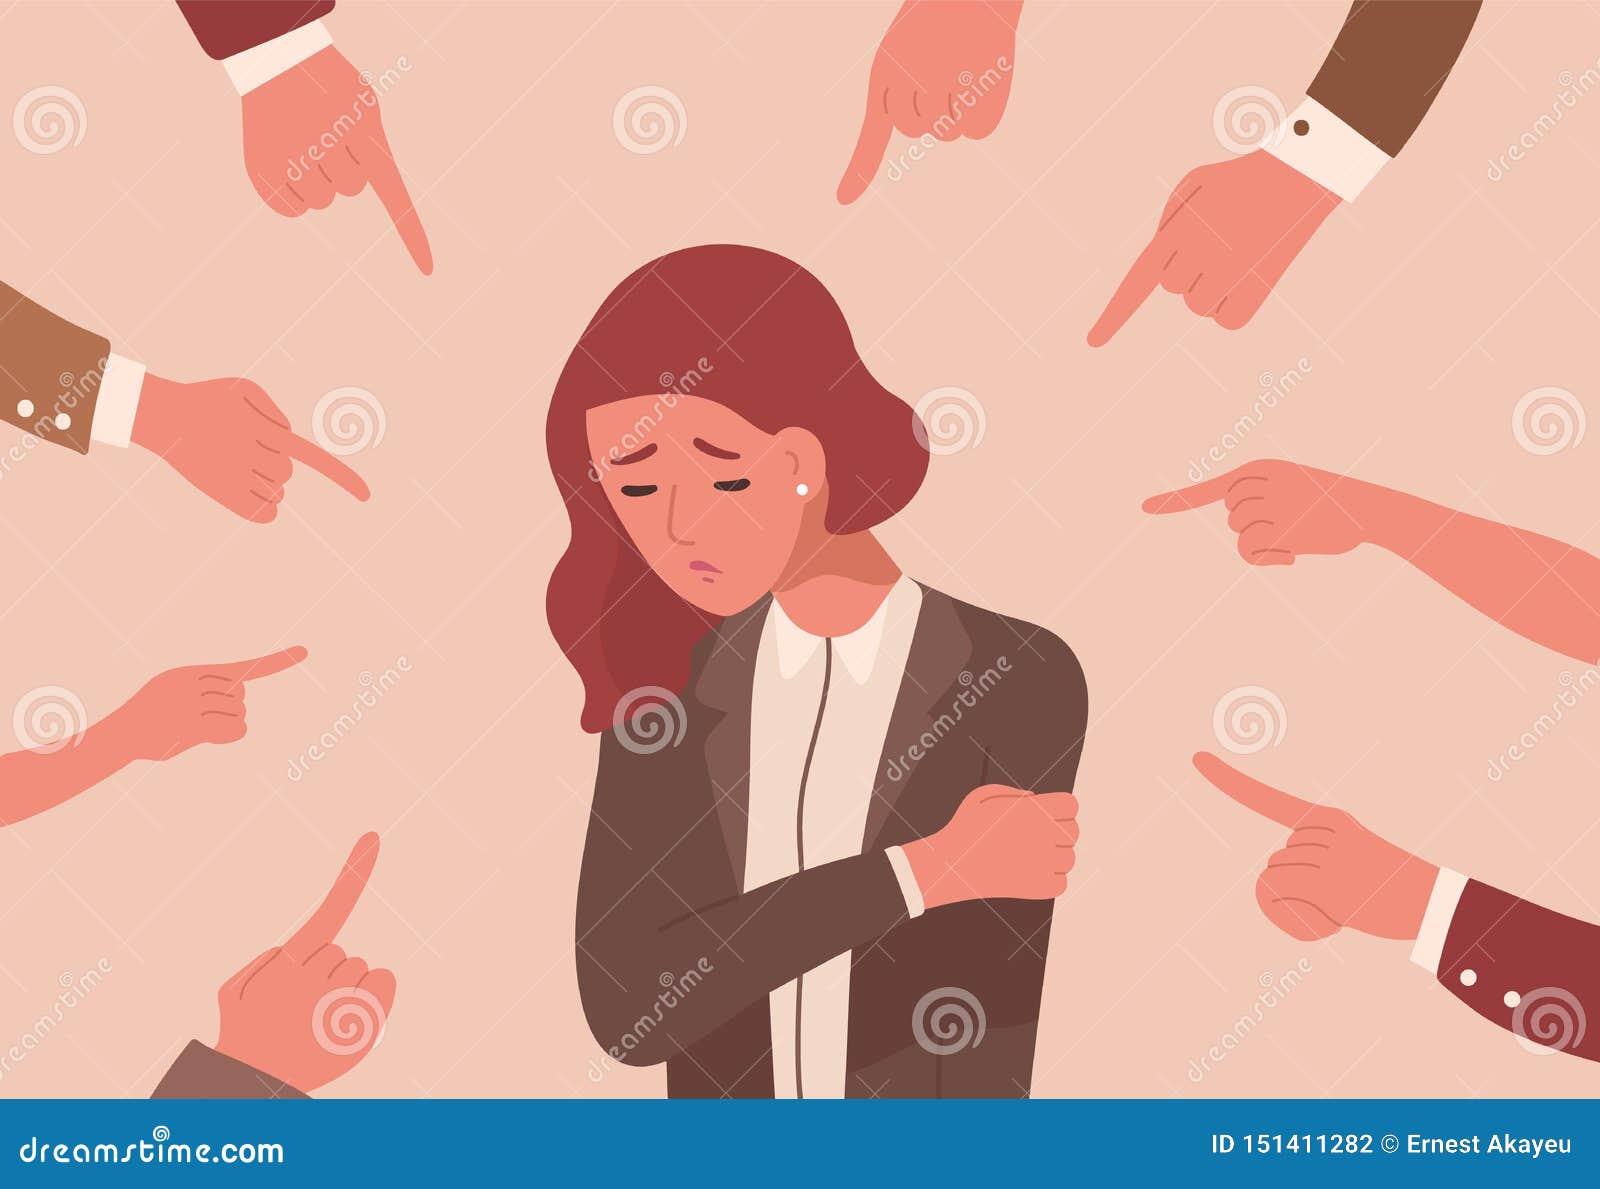 Jeune femme malheureuse entourée à la main avec des index se dirigeant à elle Concept de victime blâmant, public